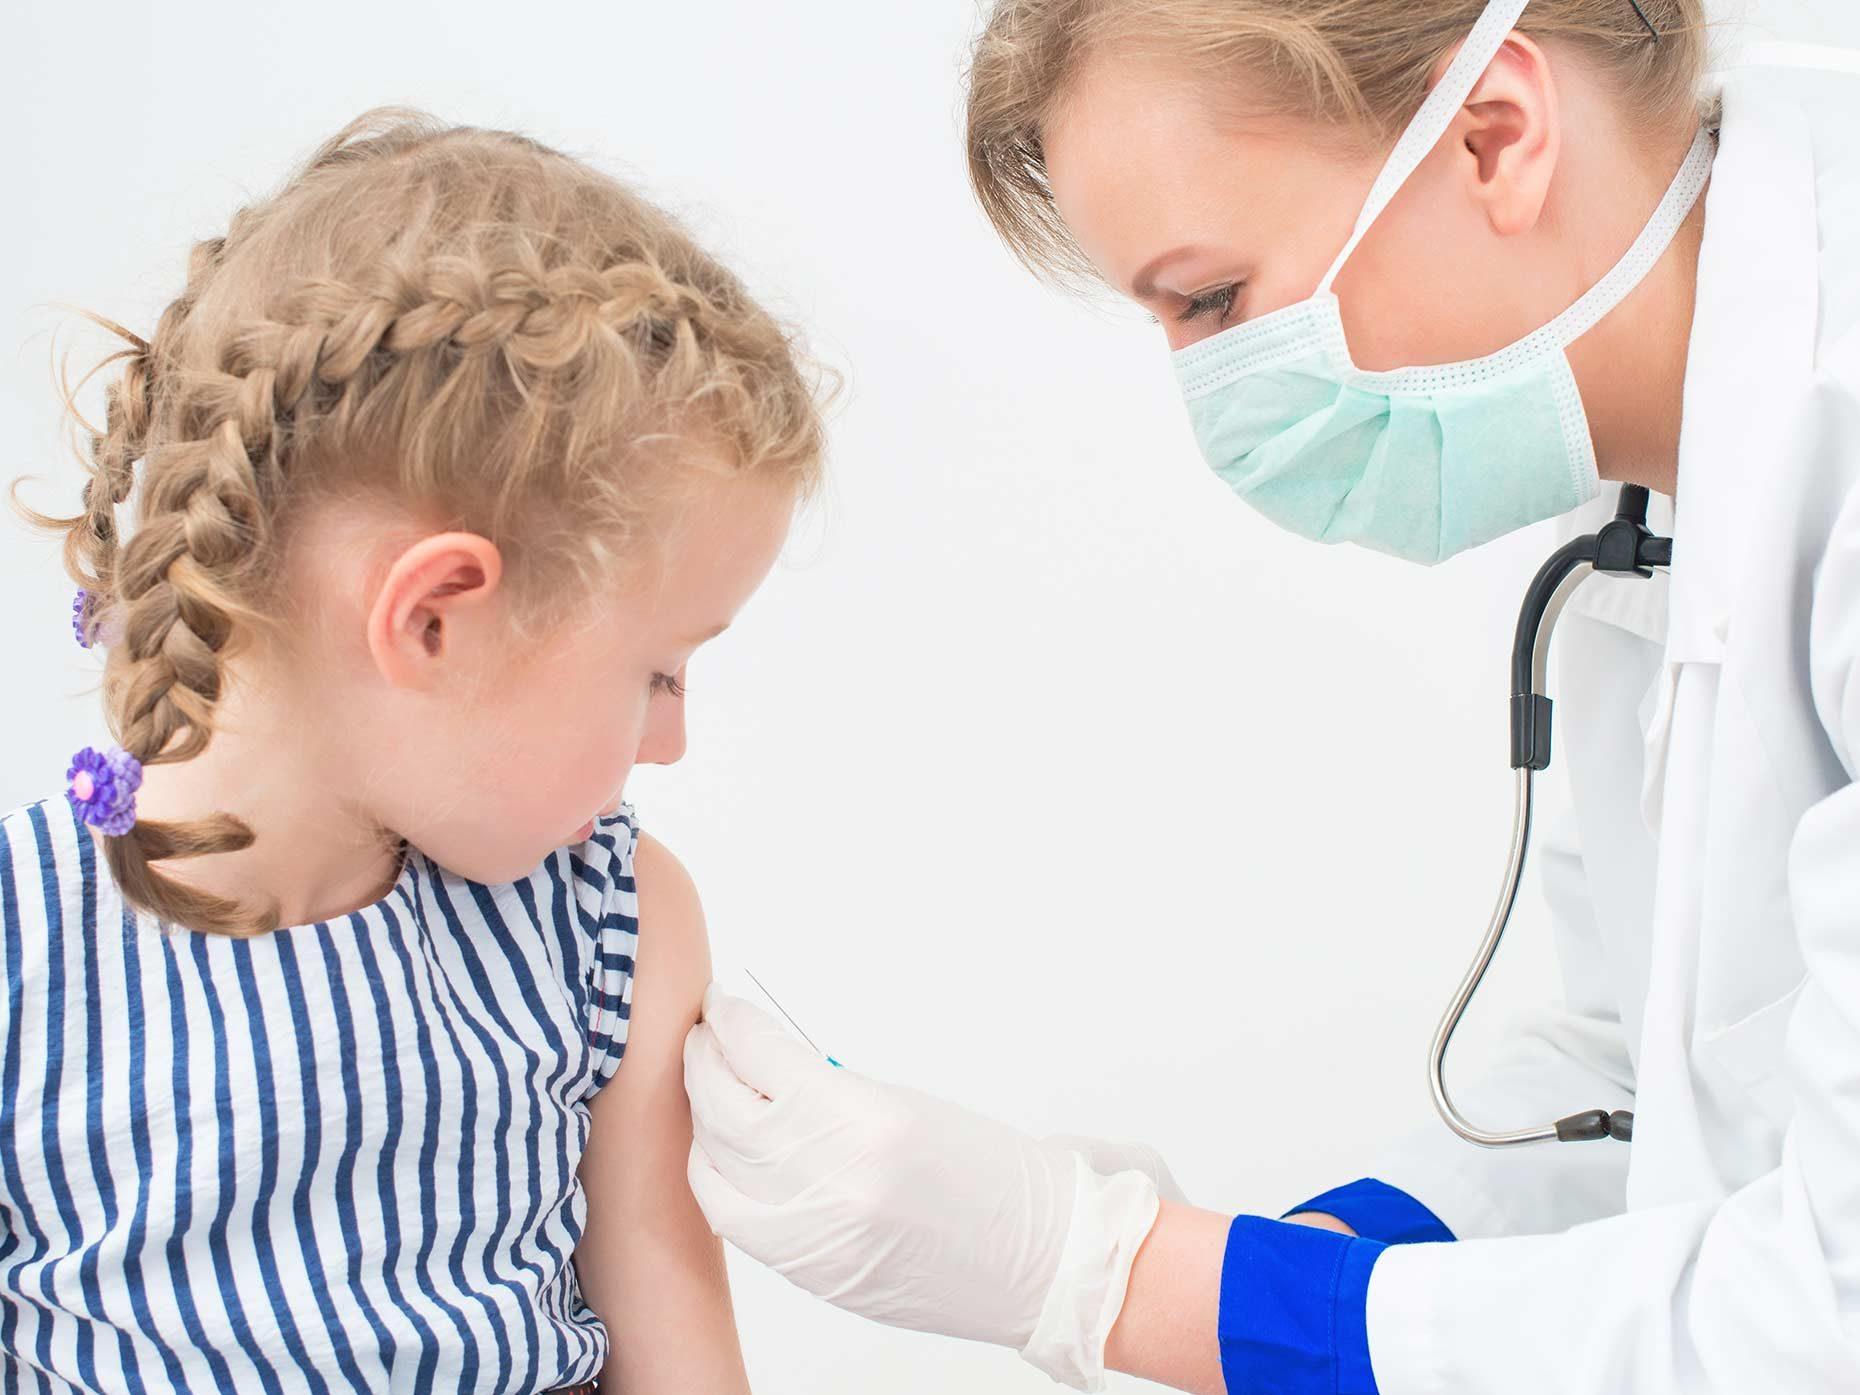 bambina bionda viene vaccinata dalla pediatra